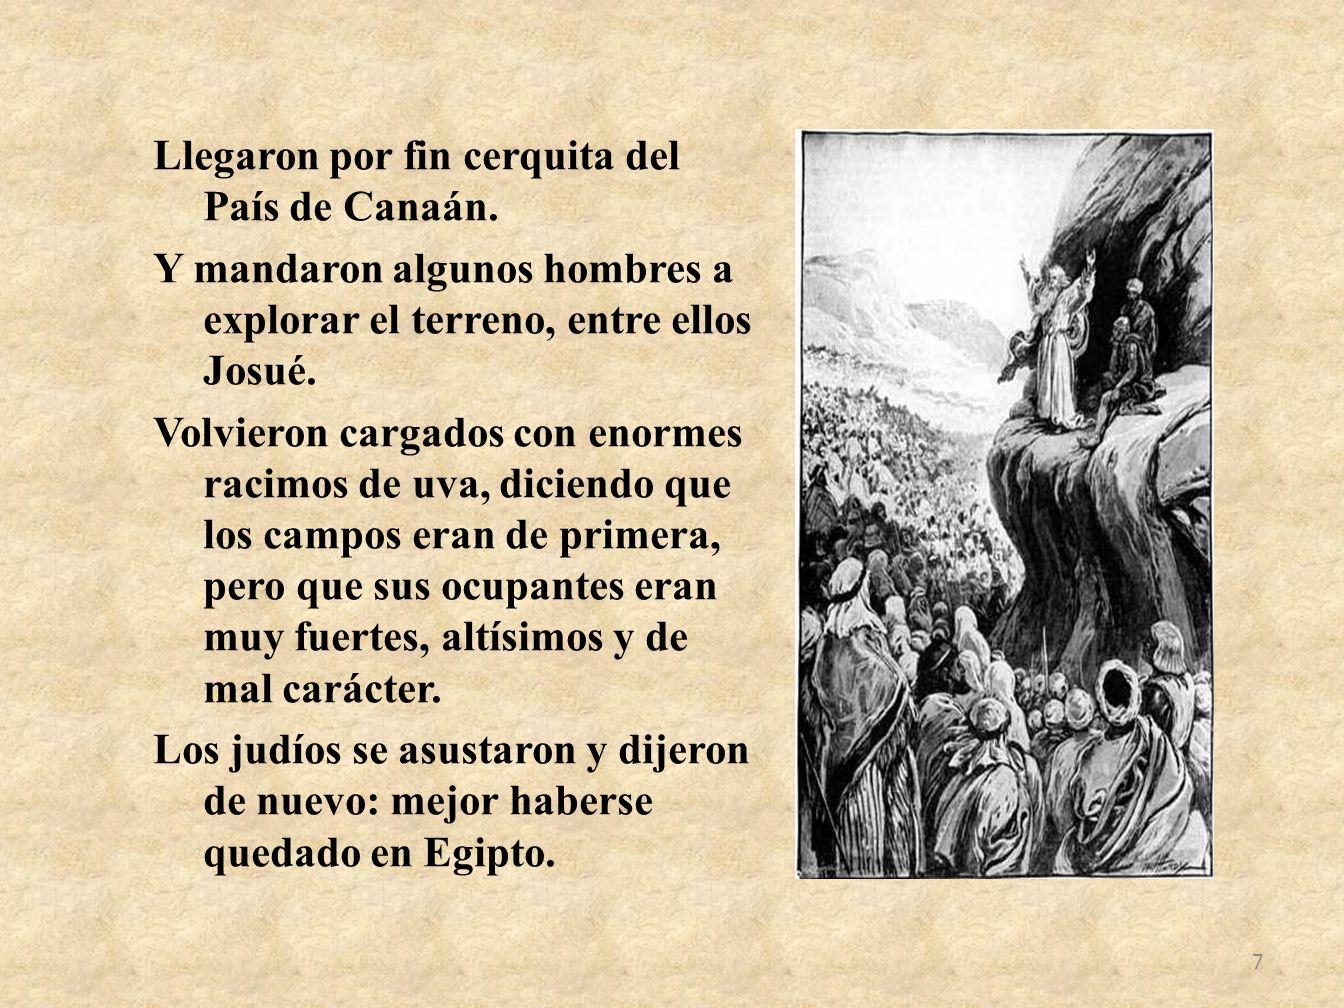 Llegaron por fin cerquita del País de Canaán